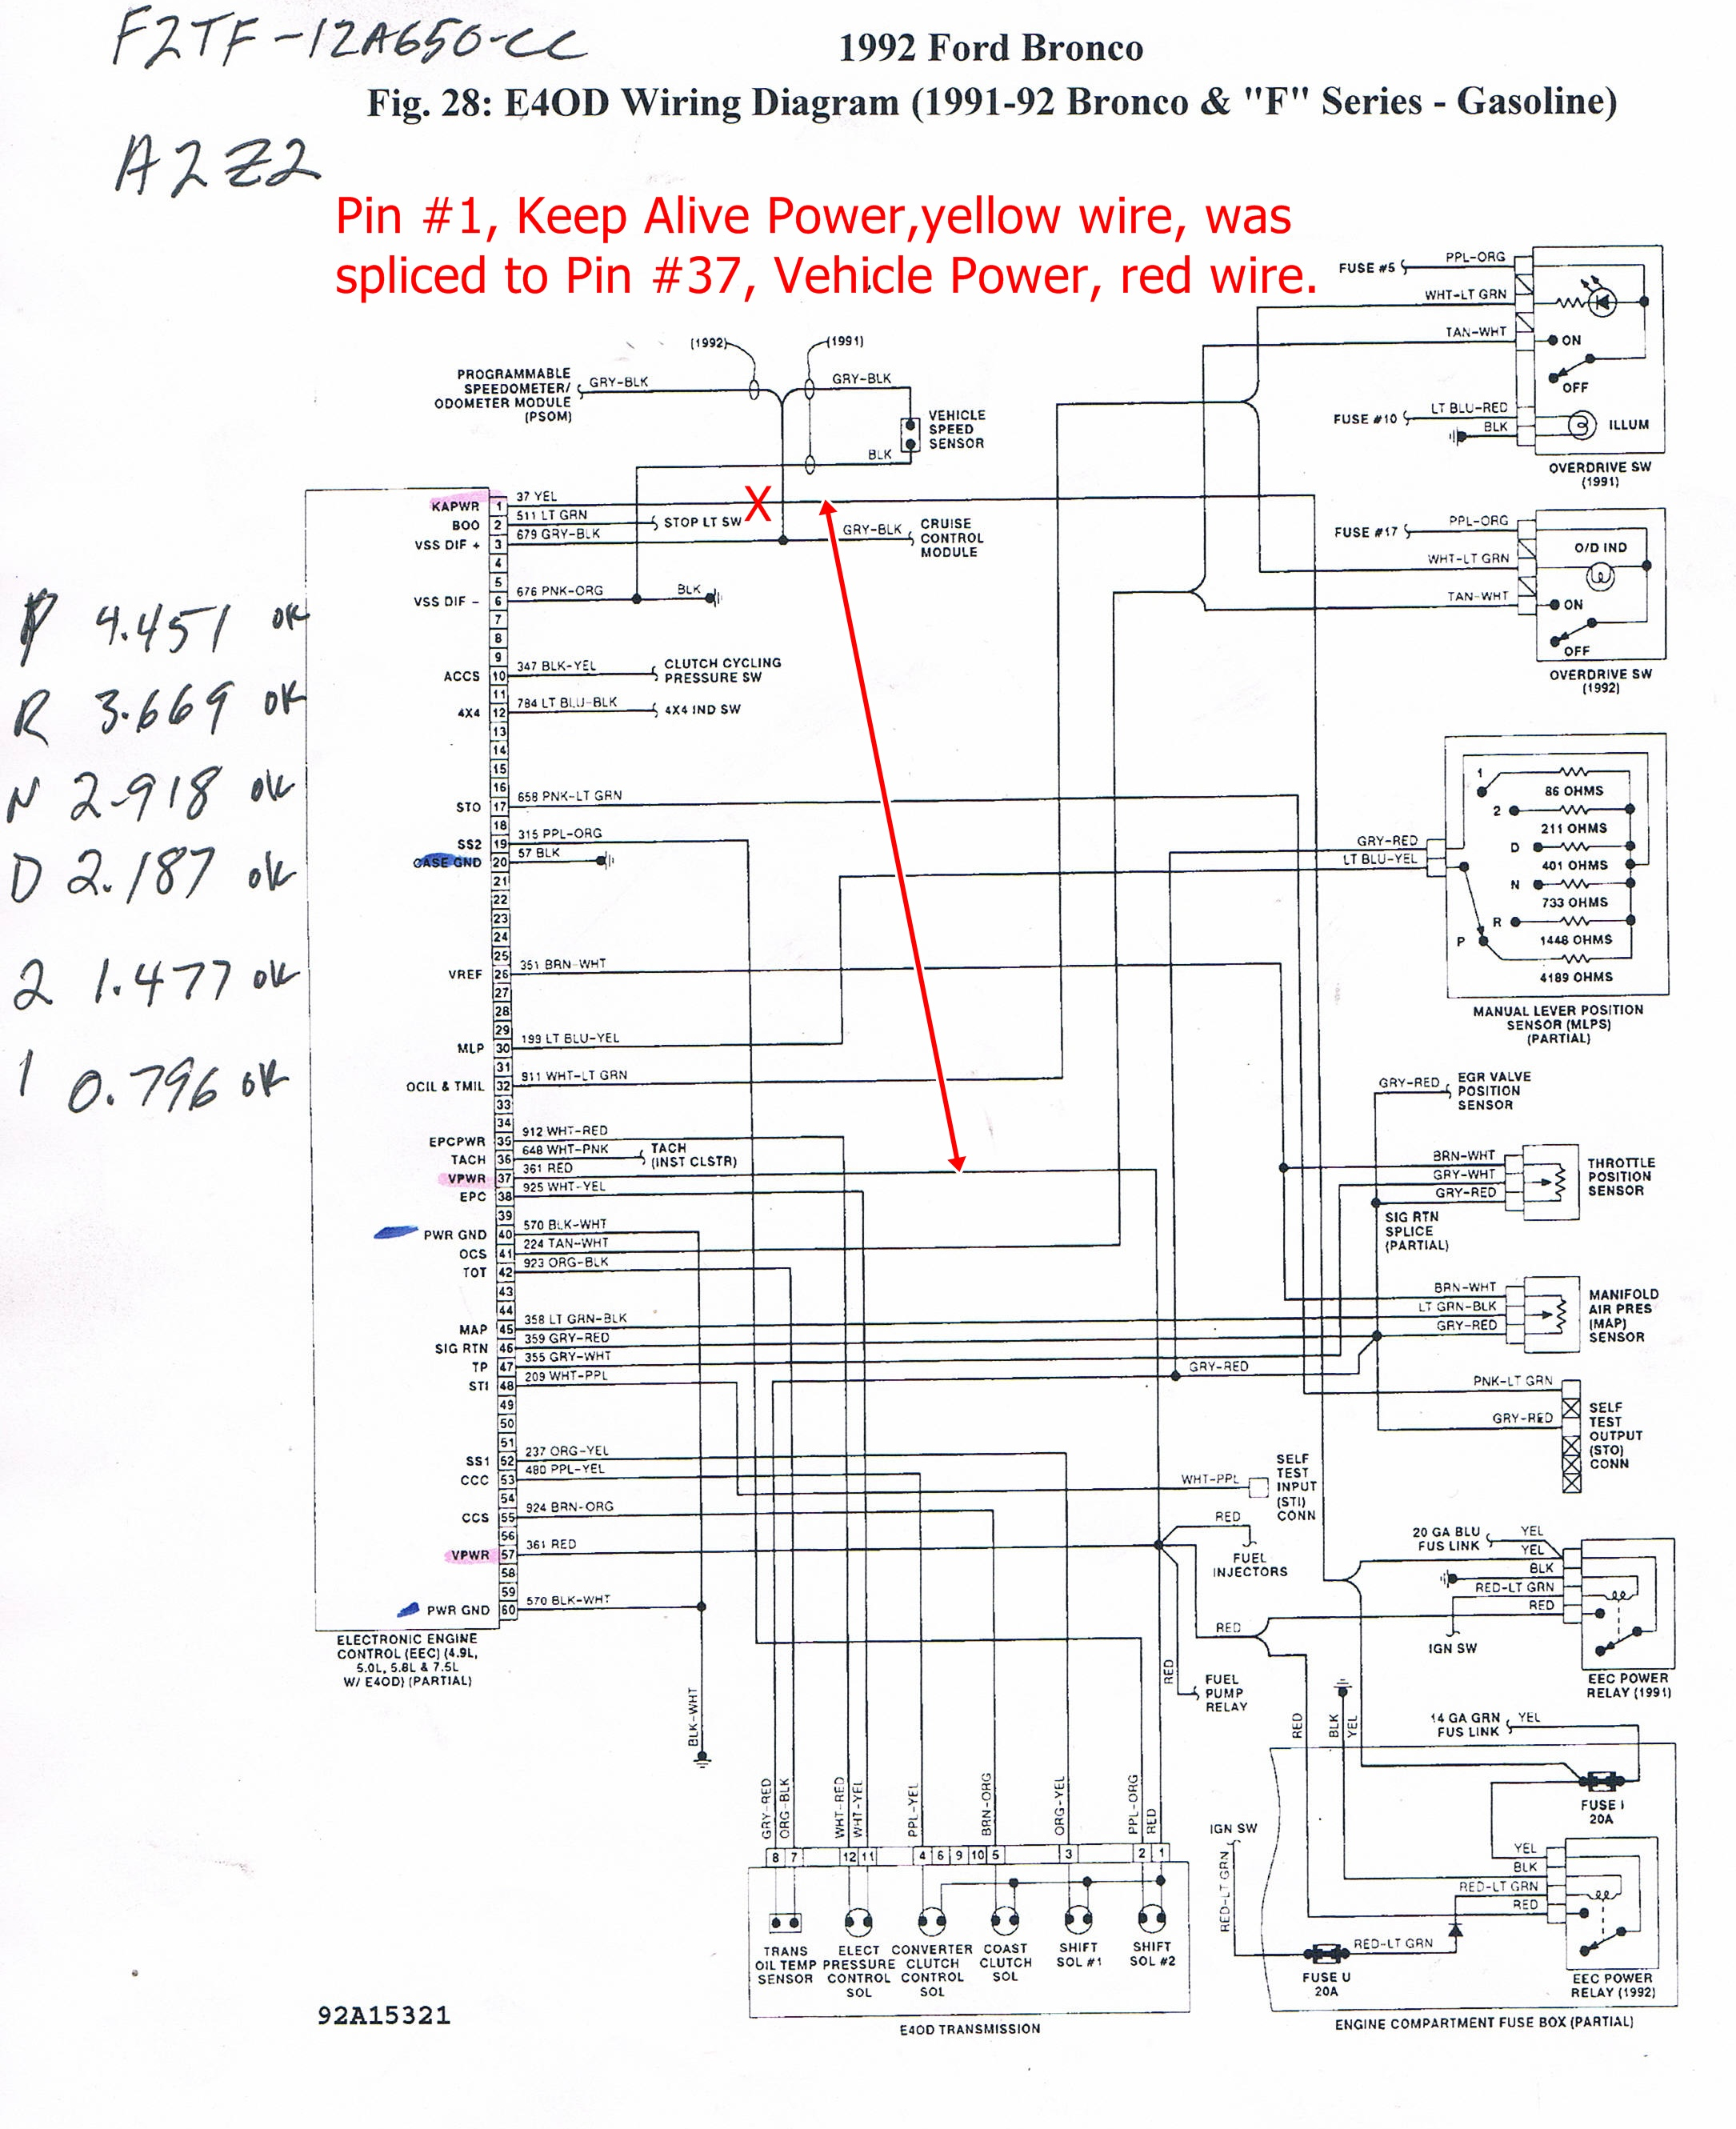 Sprinter Transmission Wiring Schematics - House Wiring Diagram Symbols •